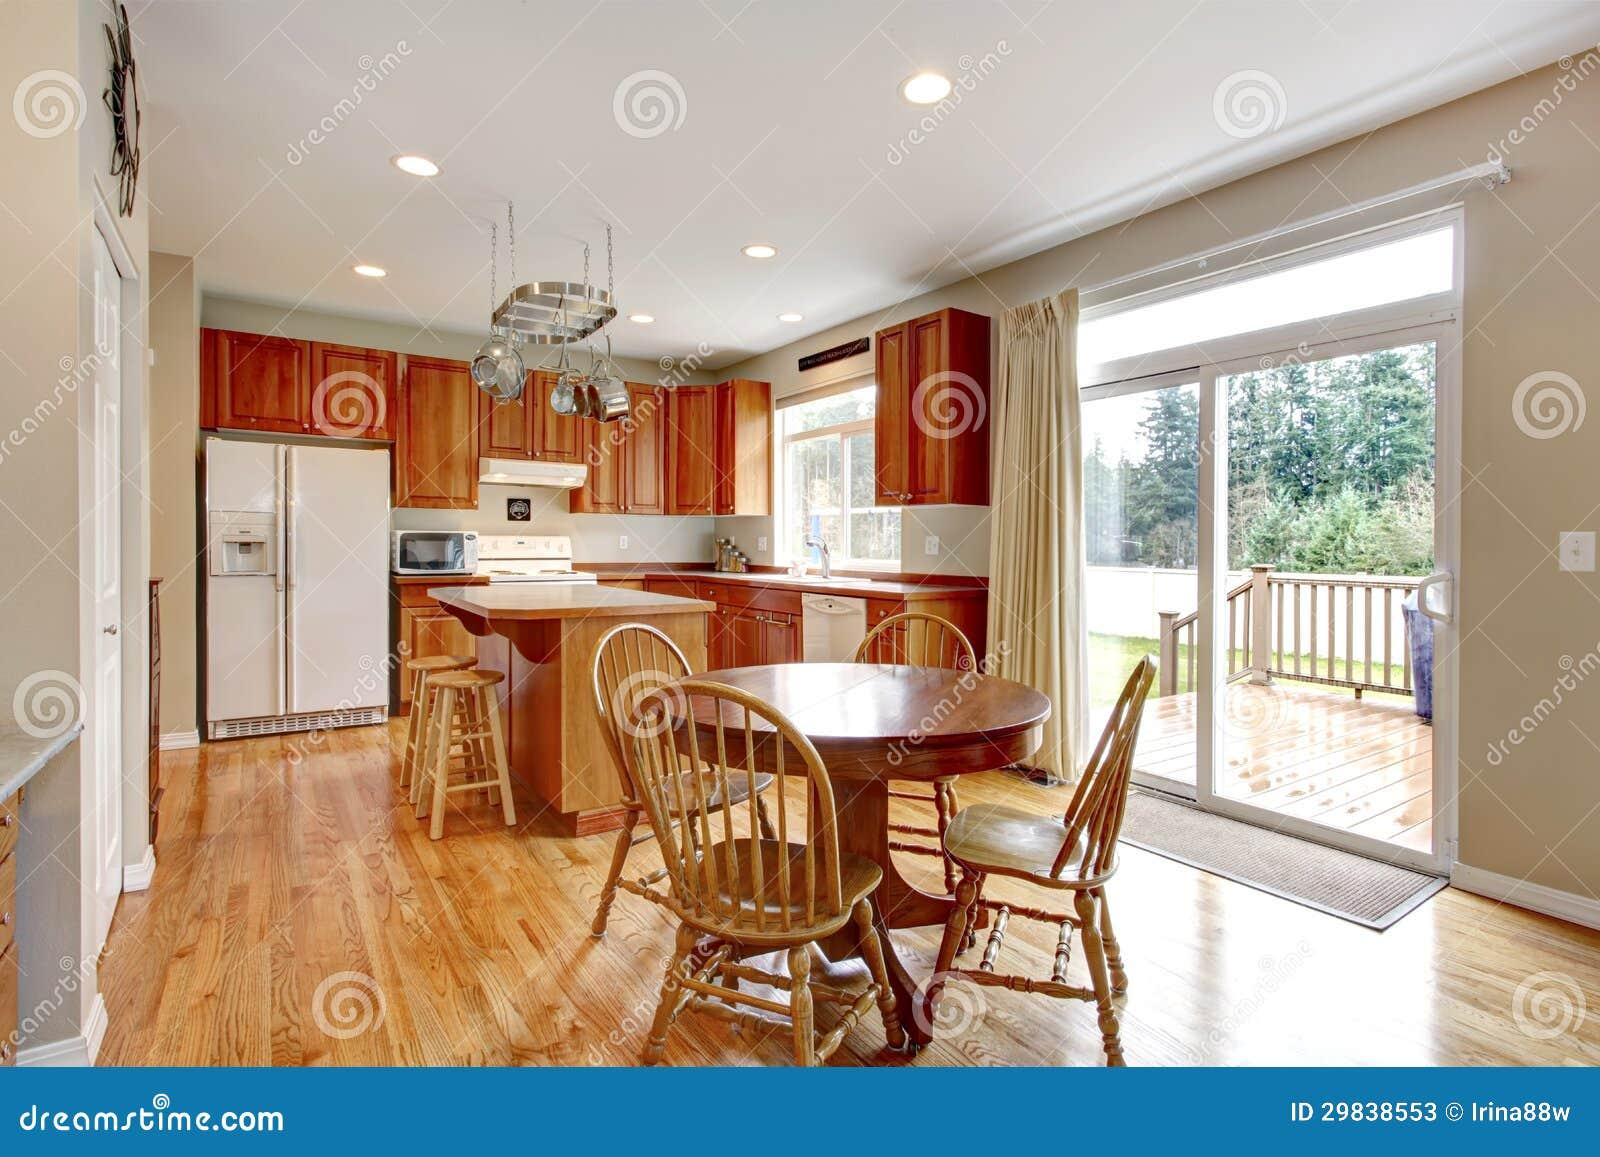 Grande interior de madeira clássico da cozinha com assoalho de folhosa.